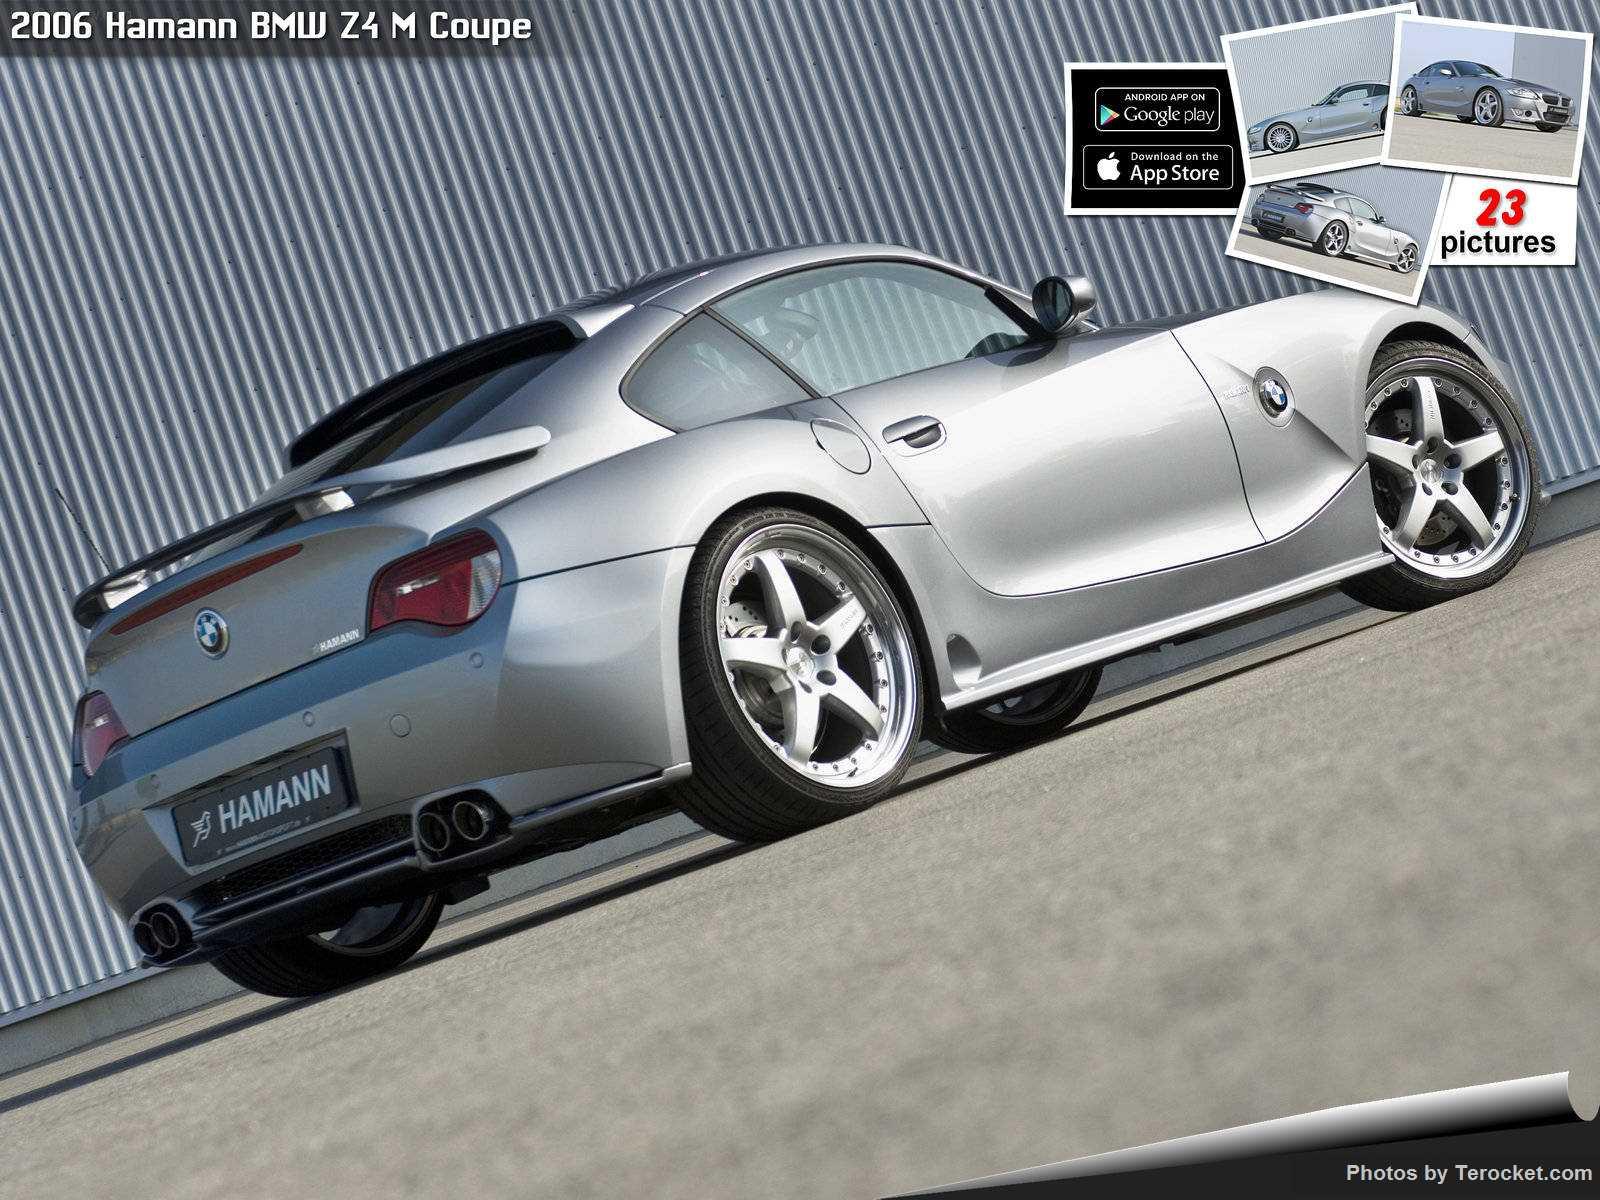 Hình ảnh xe ô tô Hamann BMW Z4 M Coupe 2006 & nội ngoại thất